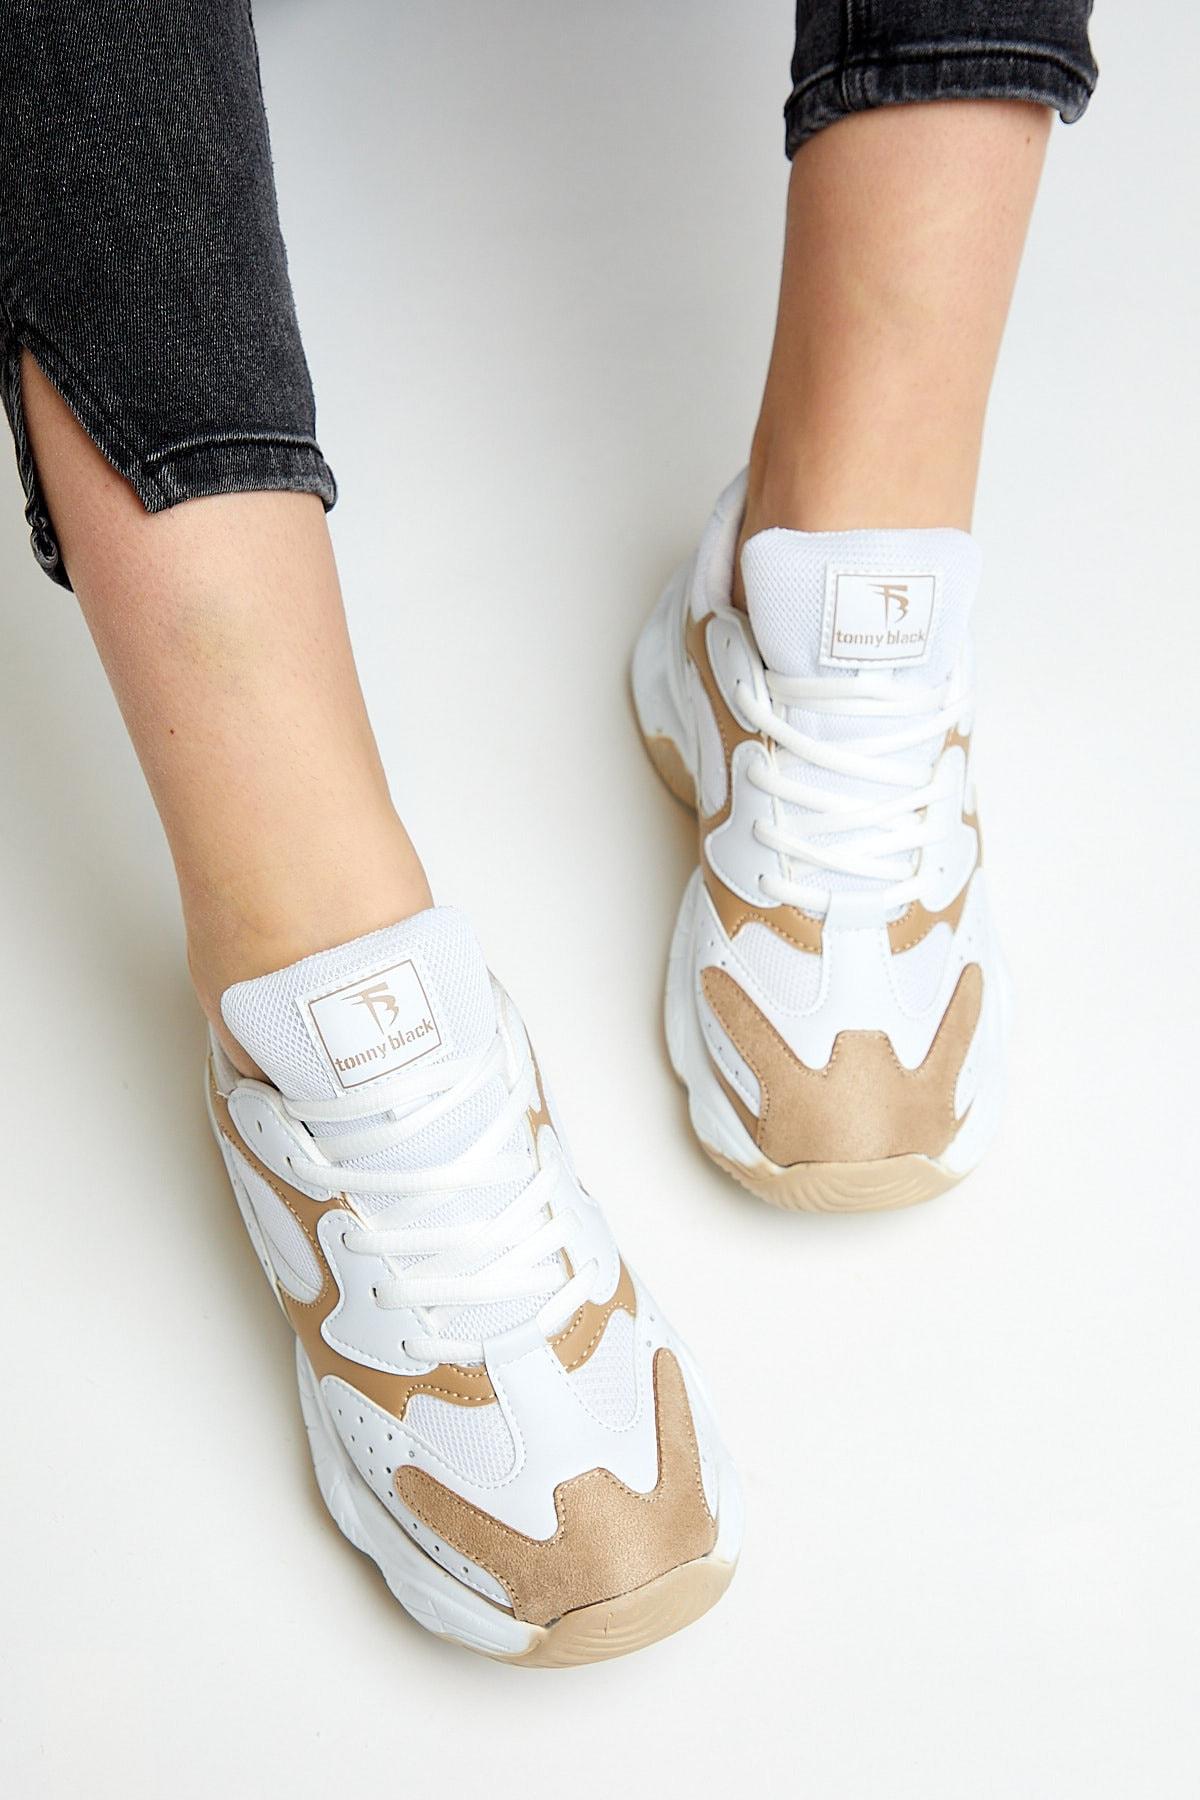 Tonny Black Kadın Beyaz Toprak Spor Ayakkabı Tb284 1